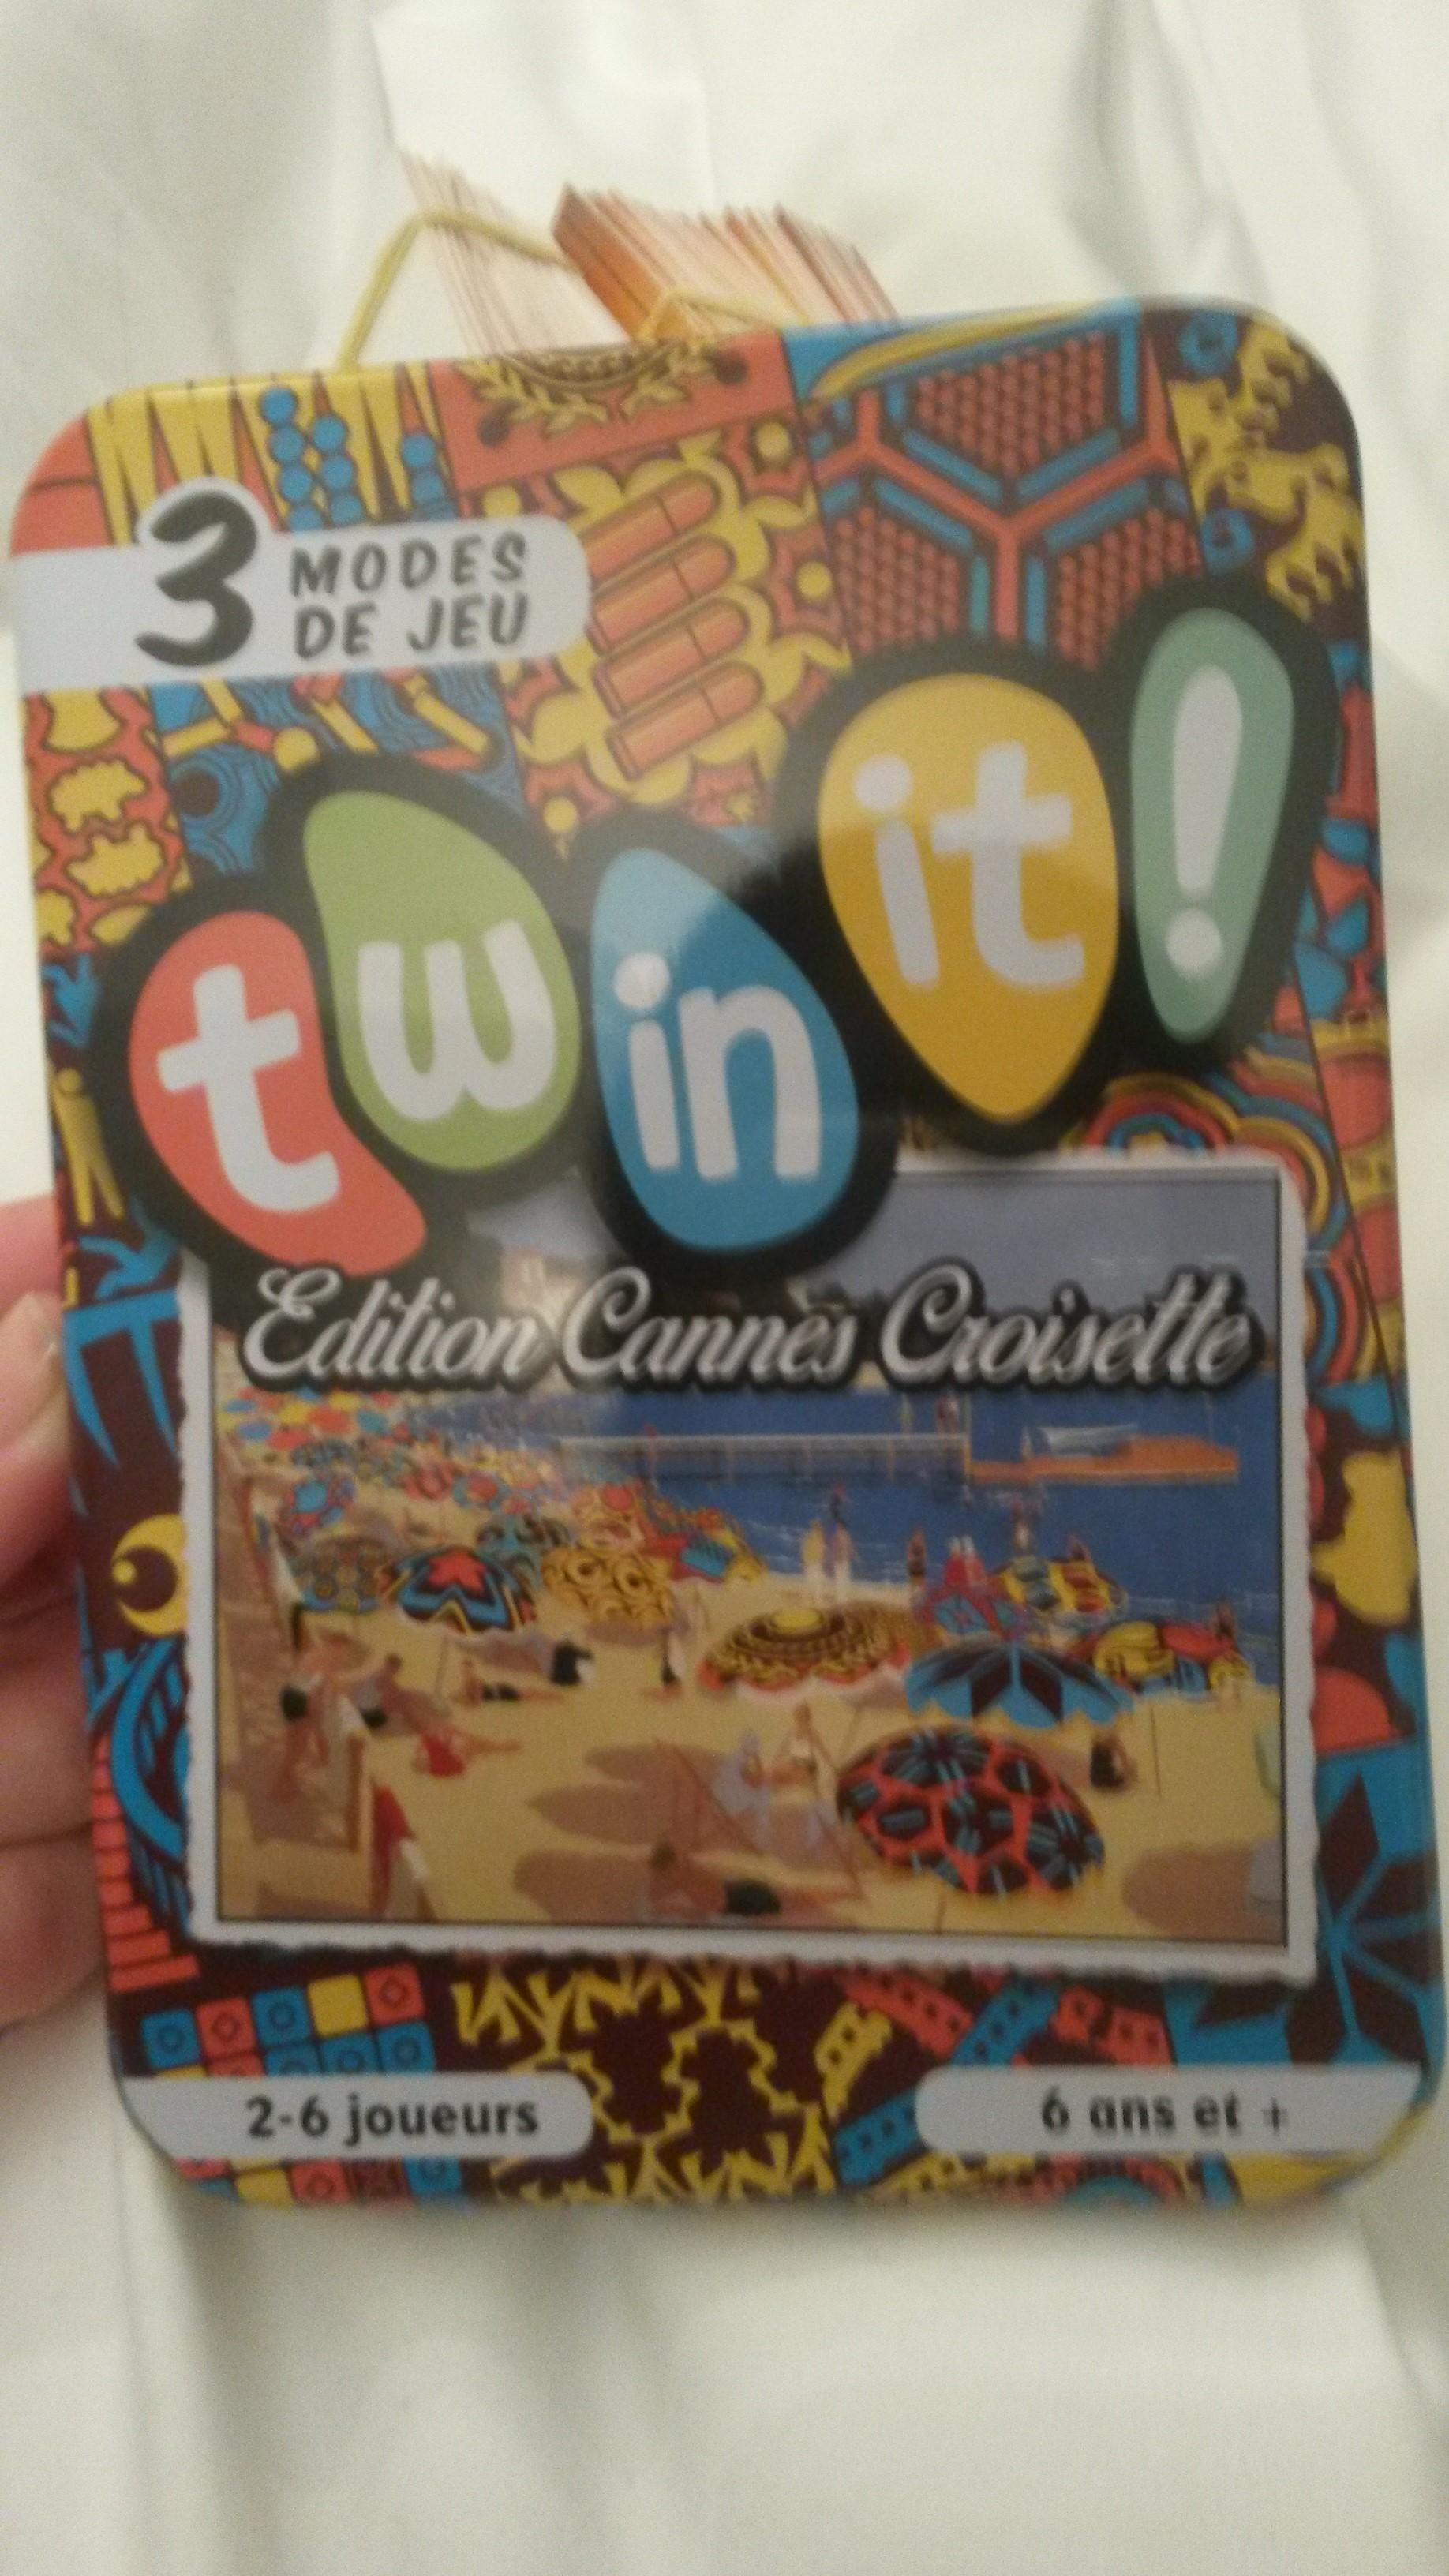 Le Twin It spécial jeux de société édition Cannes Croisette